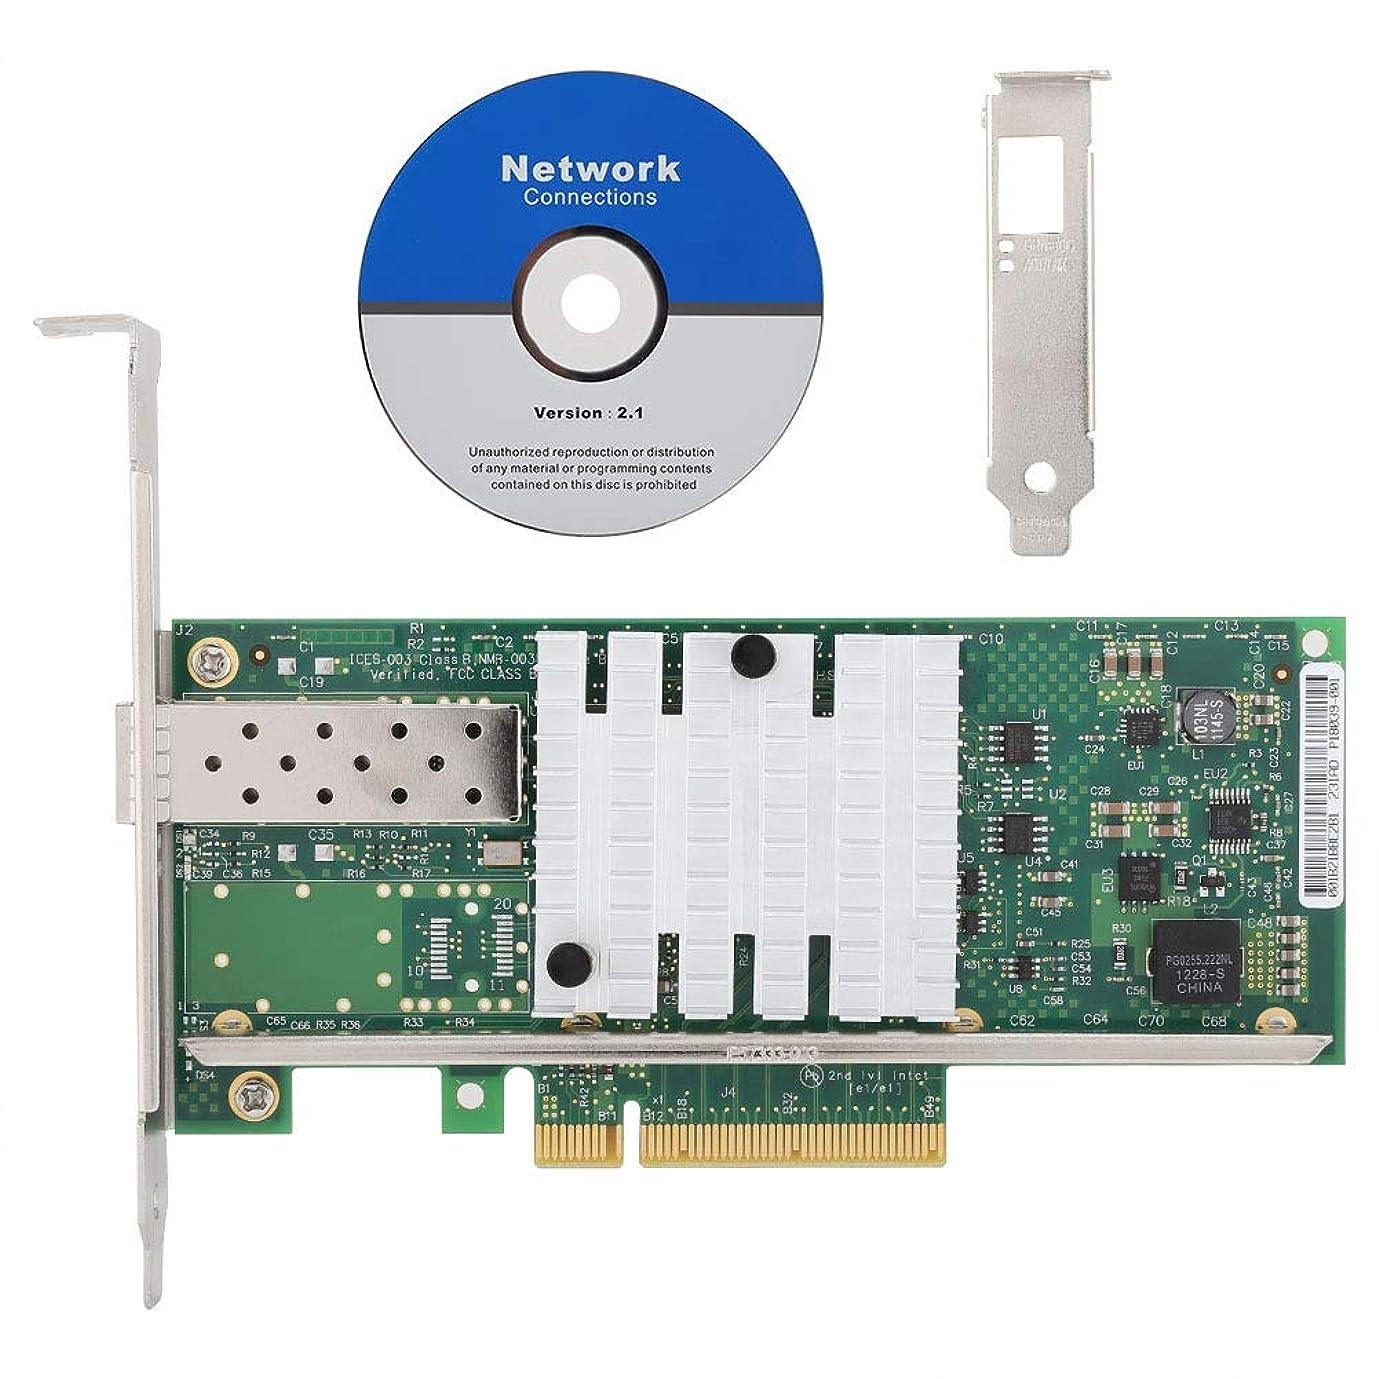 後普遍的な世代SFPネットワークカード PCI-E 10G SFPファイバーネットワークカード INTEL X520-DA1 82599EN用 ワイヤレスWIFIカード ネットワーク(LAN)トラフィック用